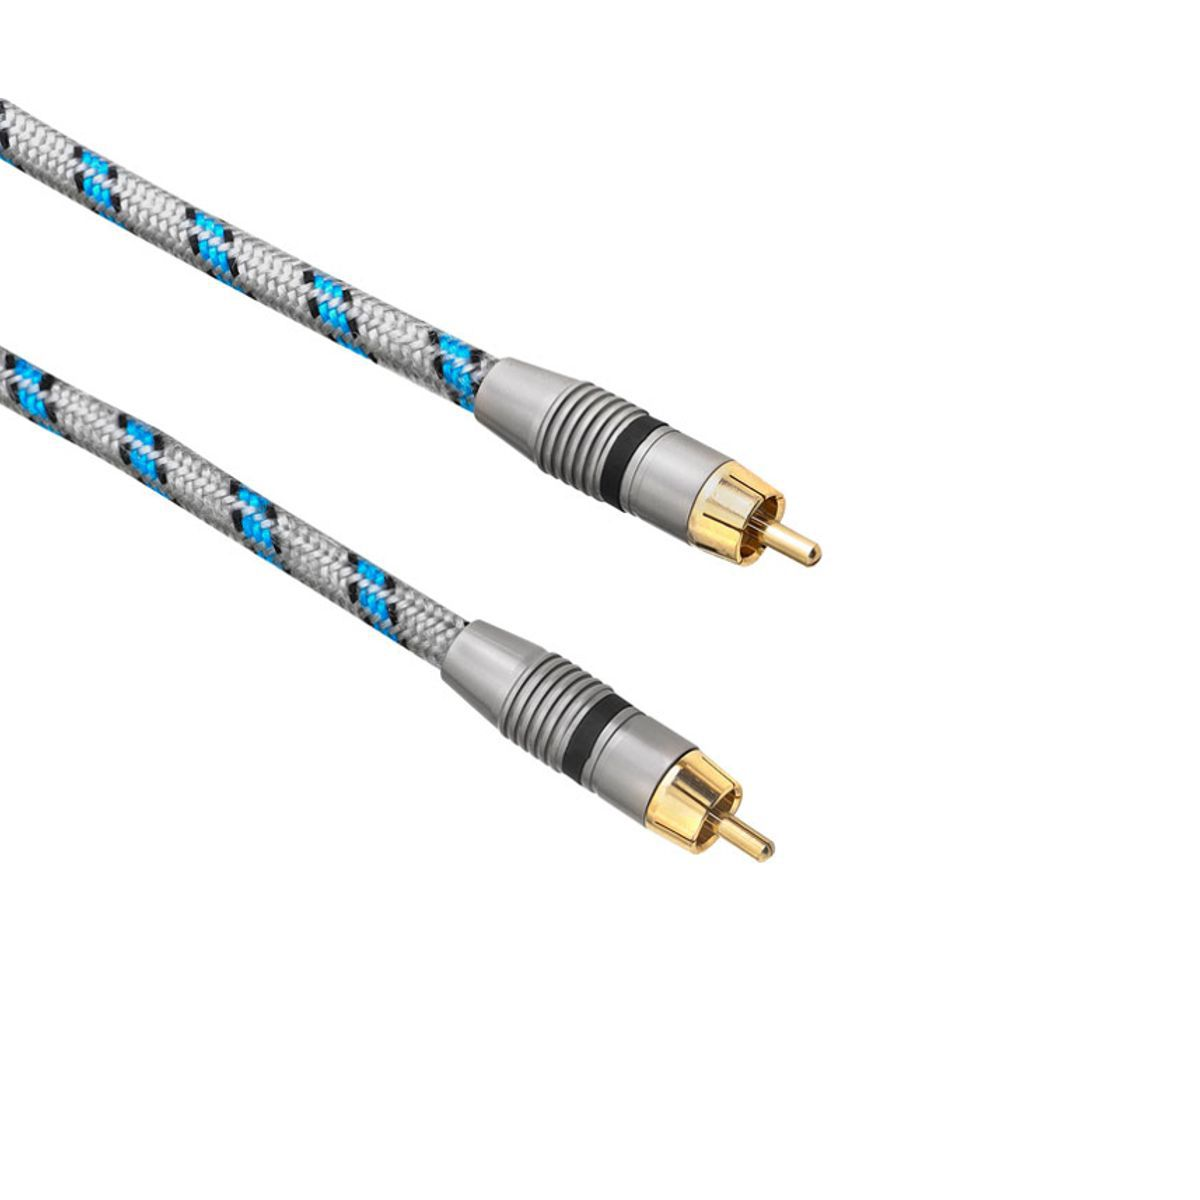 Cabo RCA Mono P/ Subwoofer Noise Free Dual Core AR-2 AAT (5M)